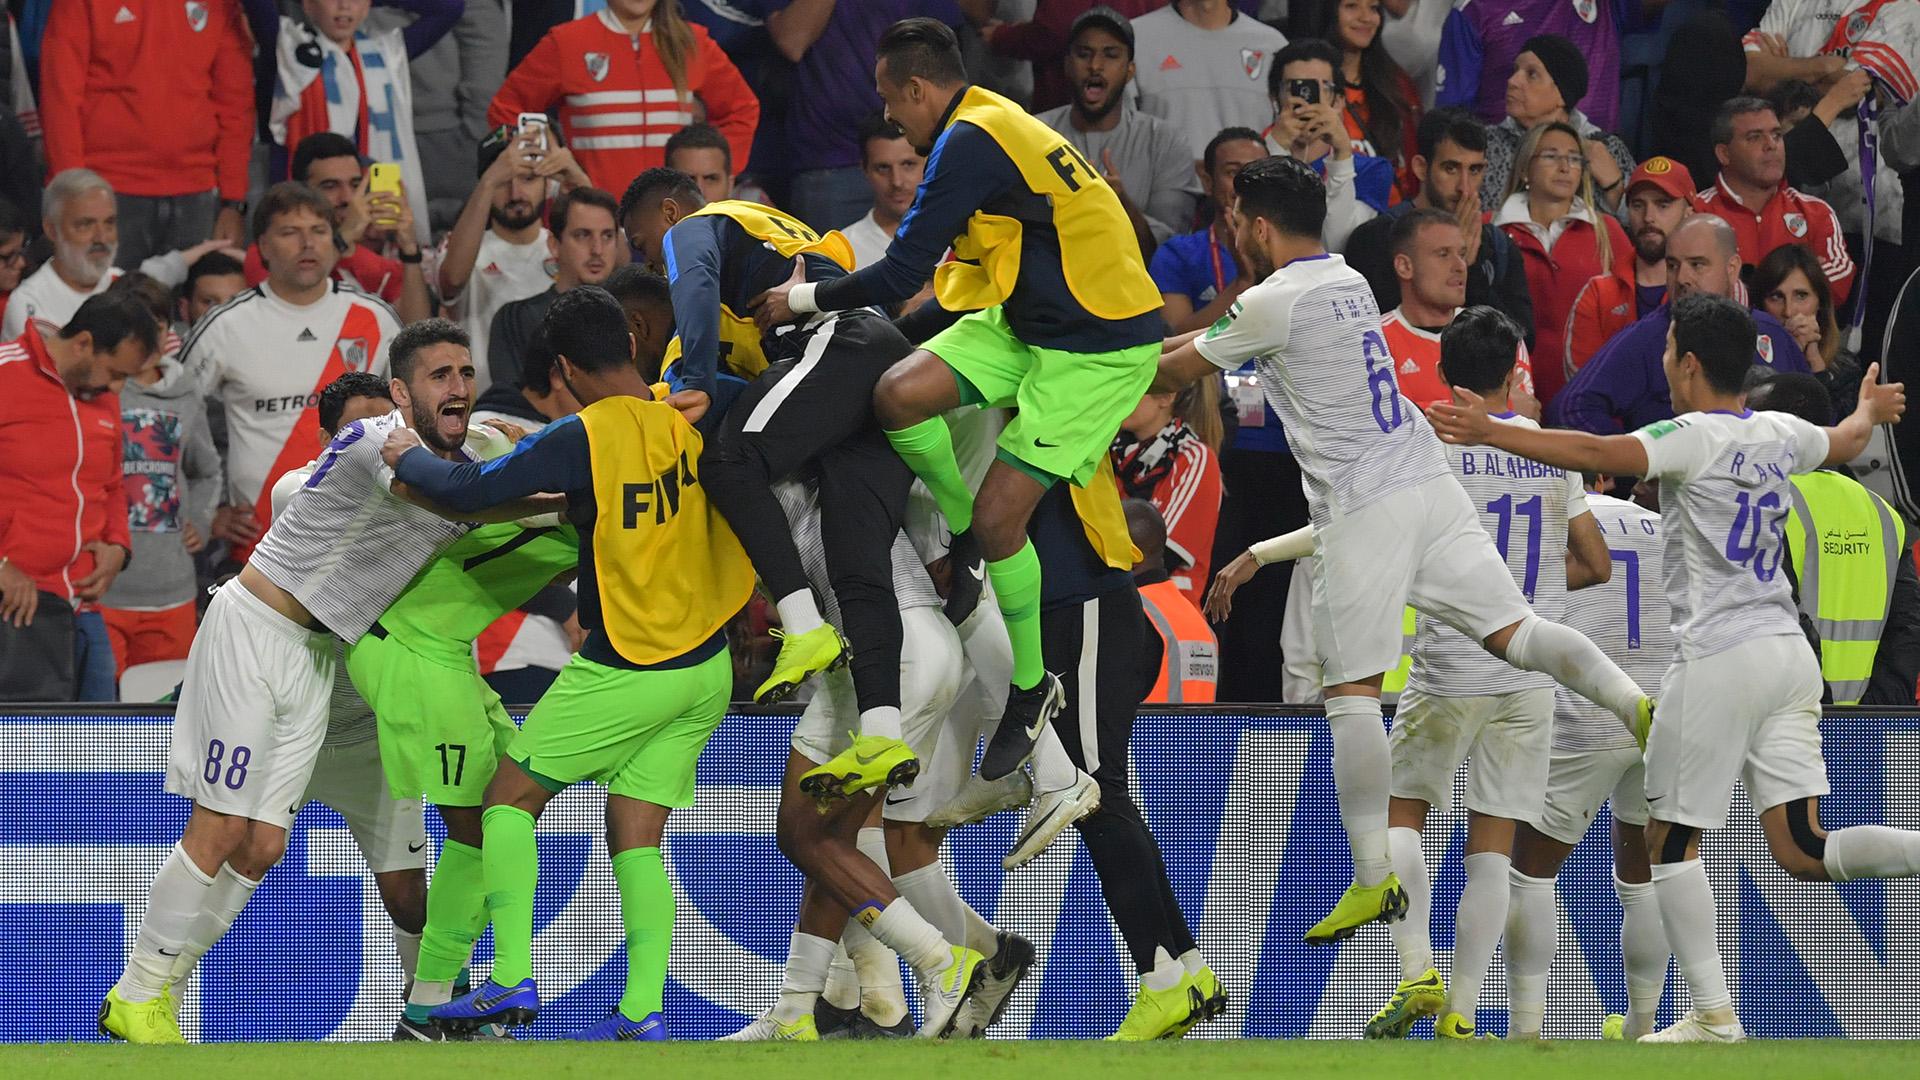 En la etapa inicial hubo dos jugadas polémicas: una mano de Exequiel Palacios adentro del área que bien pudo considerarse penal para los árabes y un tanto anulado por presunta posición adelantada tras un rebote previo (hubiera significado el 2-2).